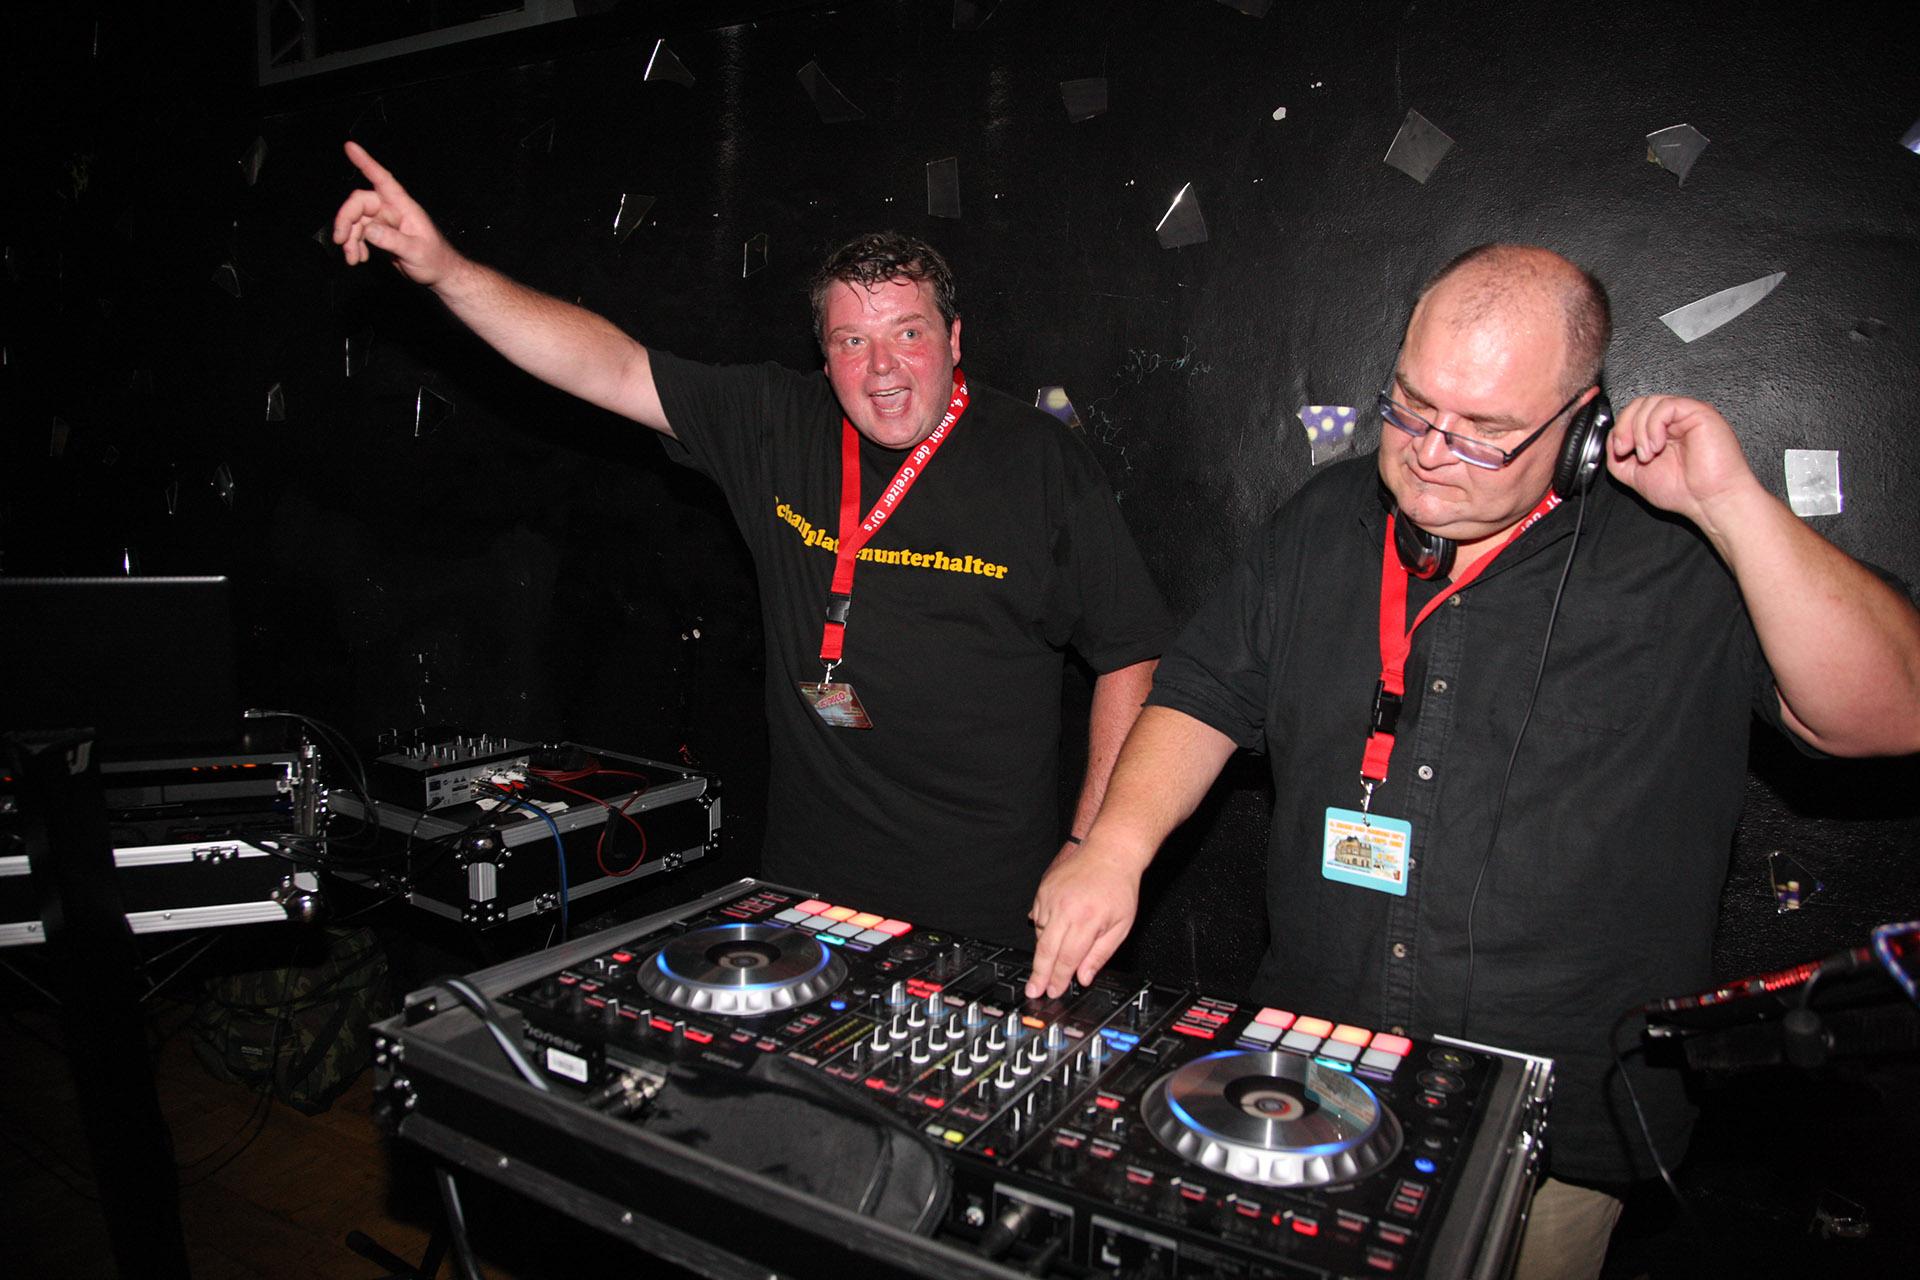 Die Nacht der Greizer DJ's: Die letzte Klappe fällt